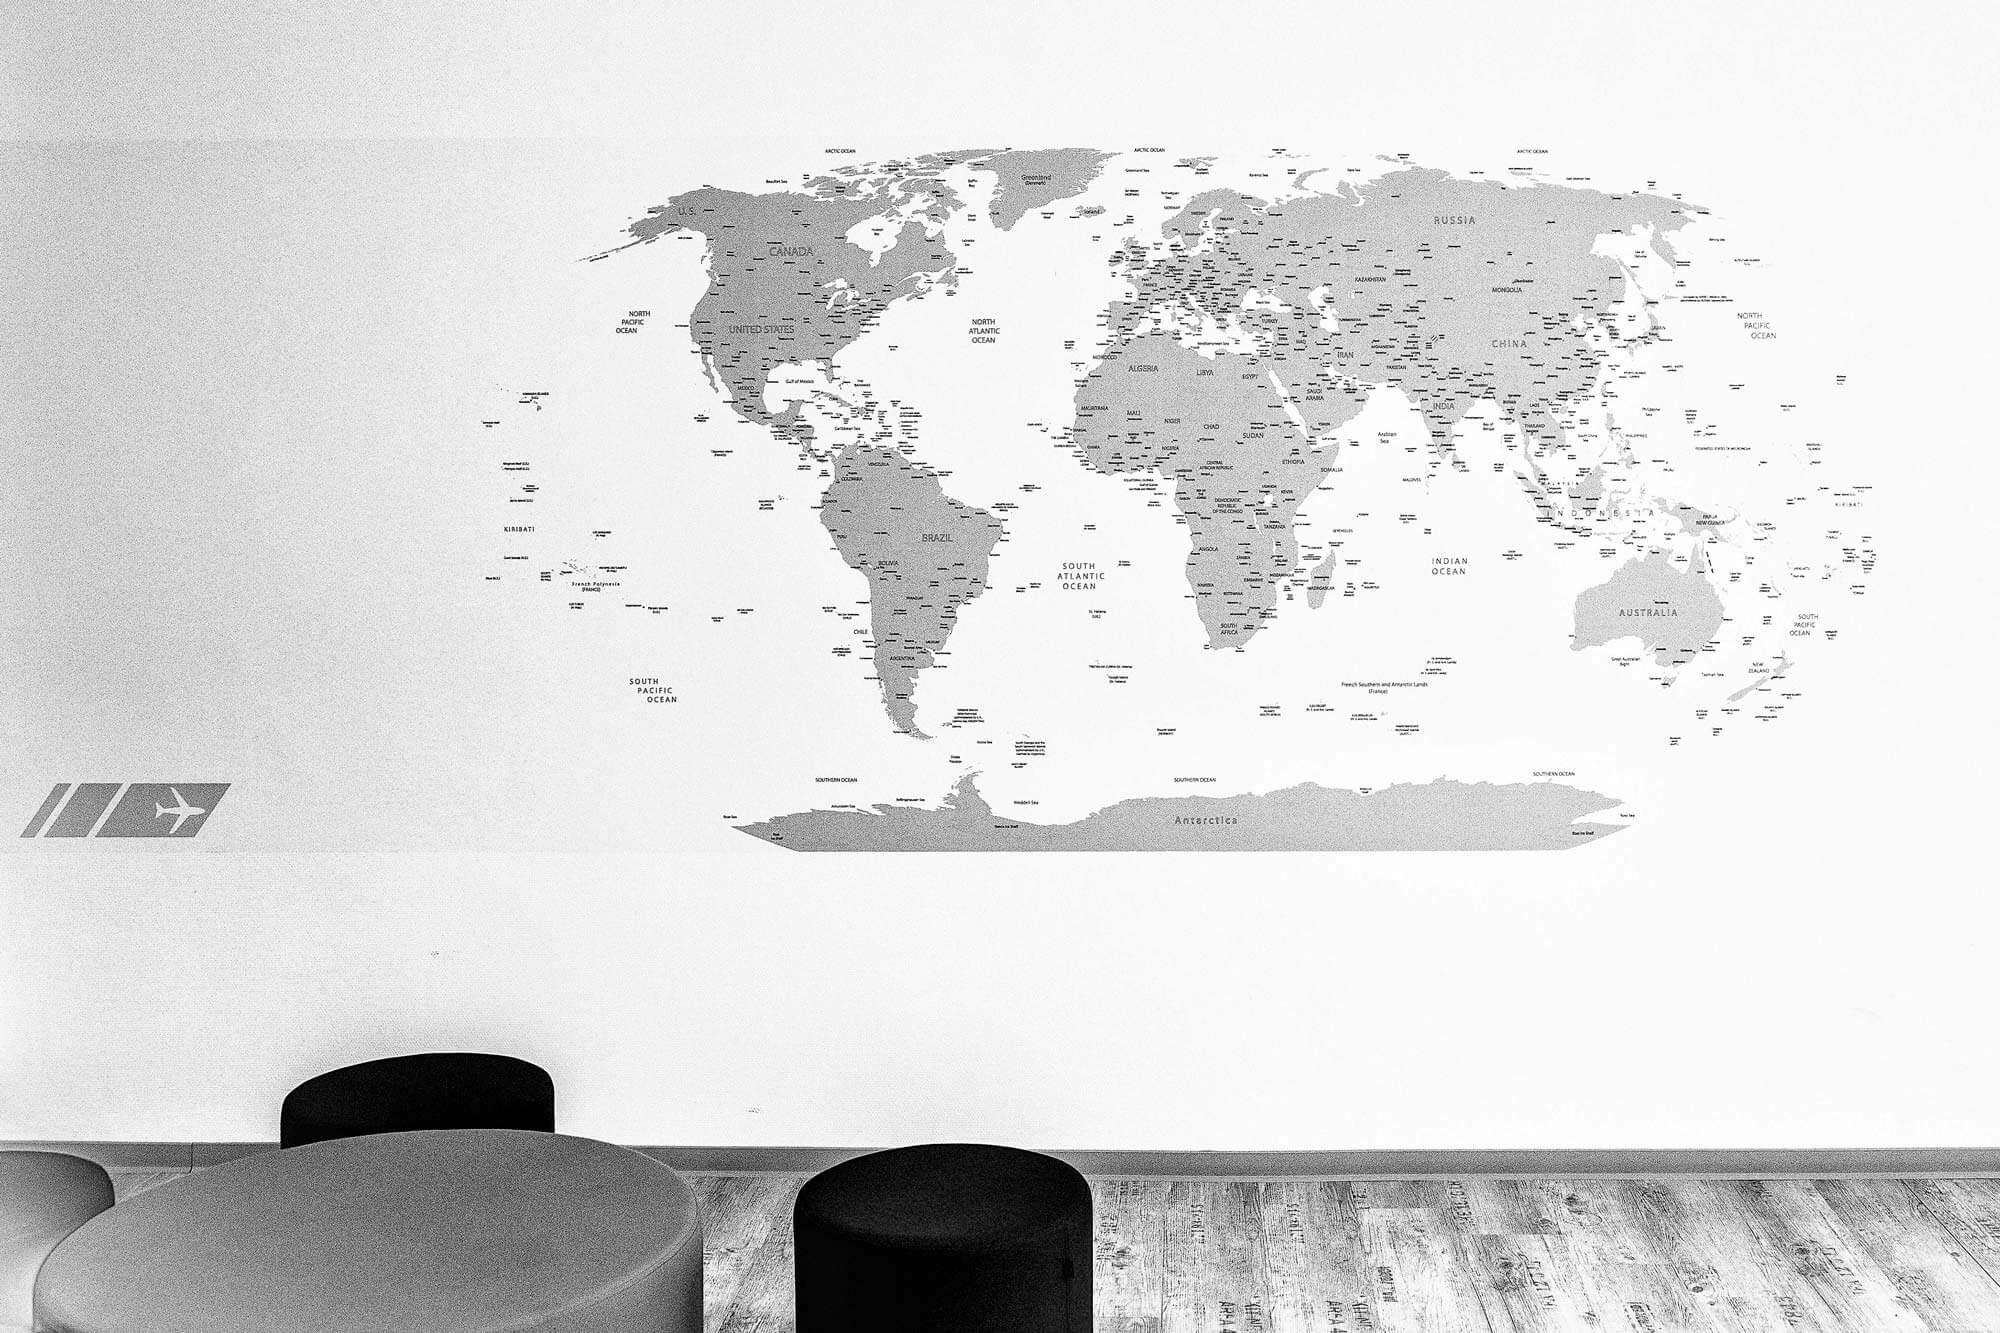 Weltkarte schwarz-weiß mit kleinem Tisch und Hockern